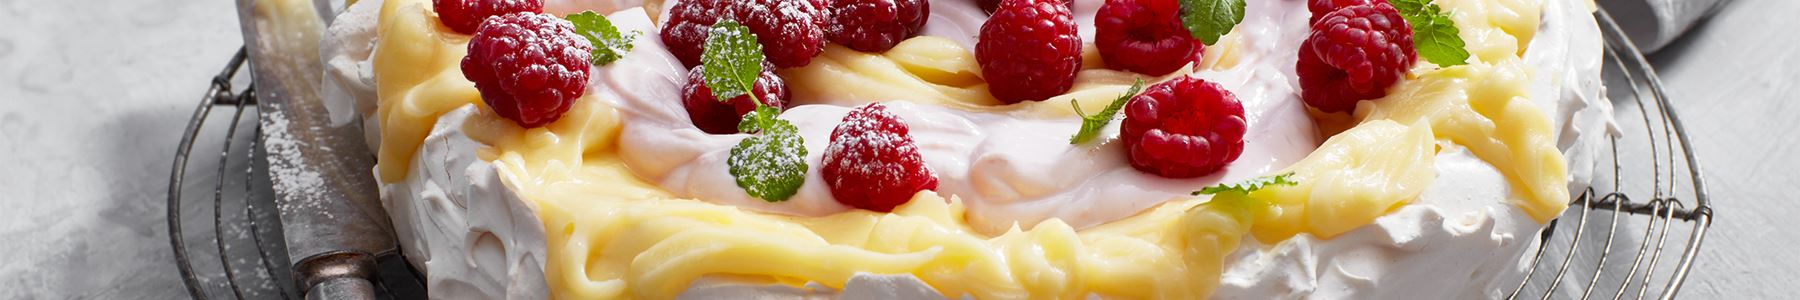 Tårta med frukt och bär